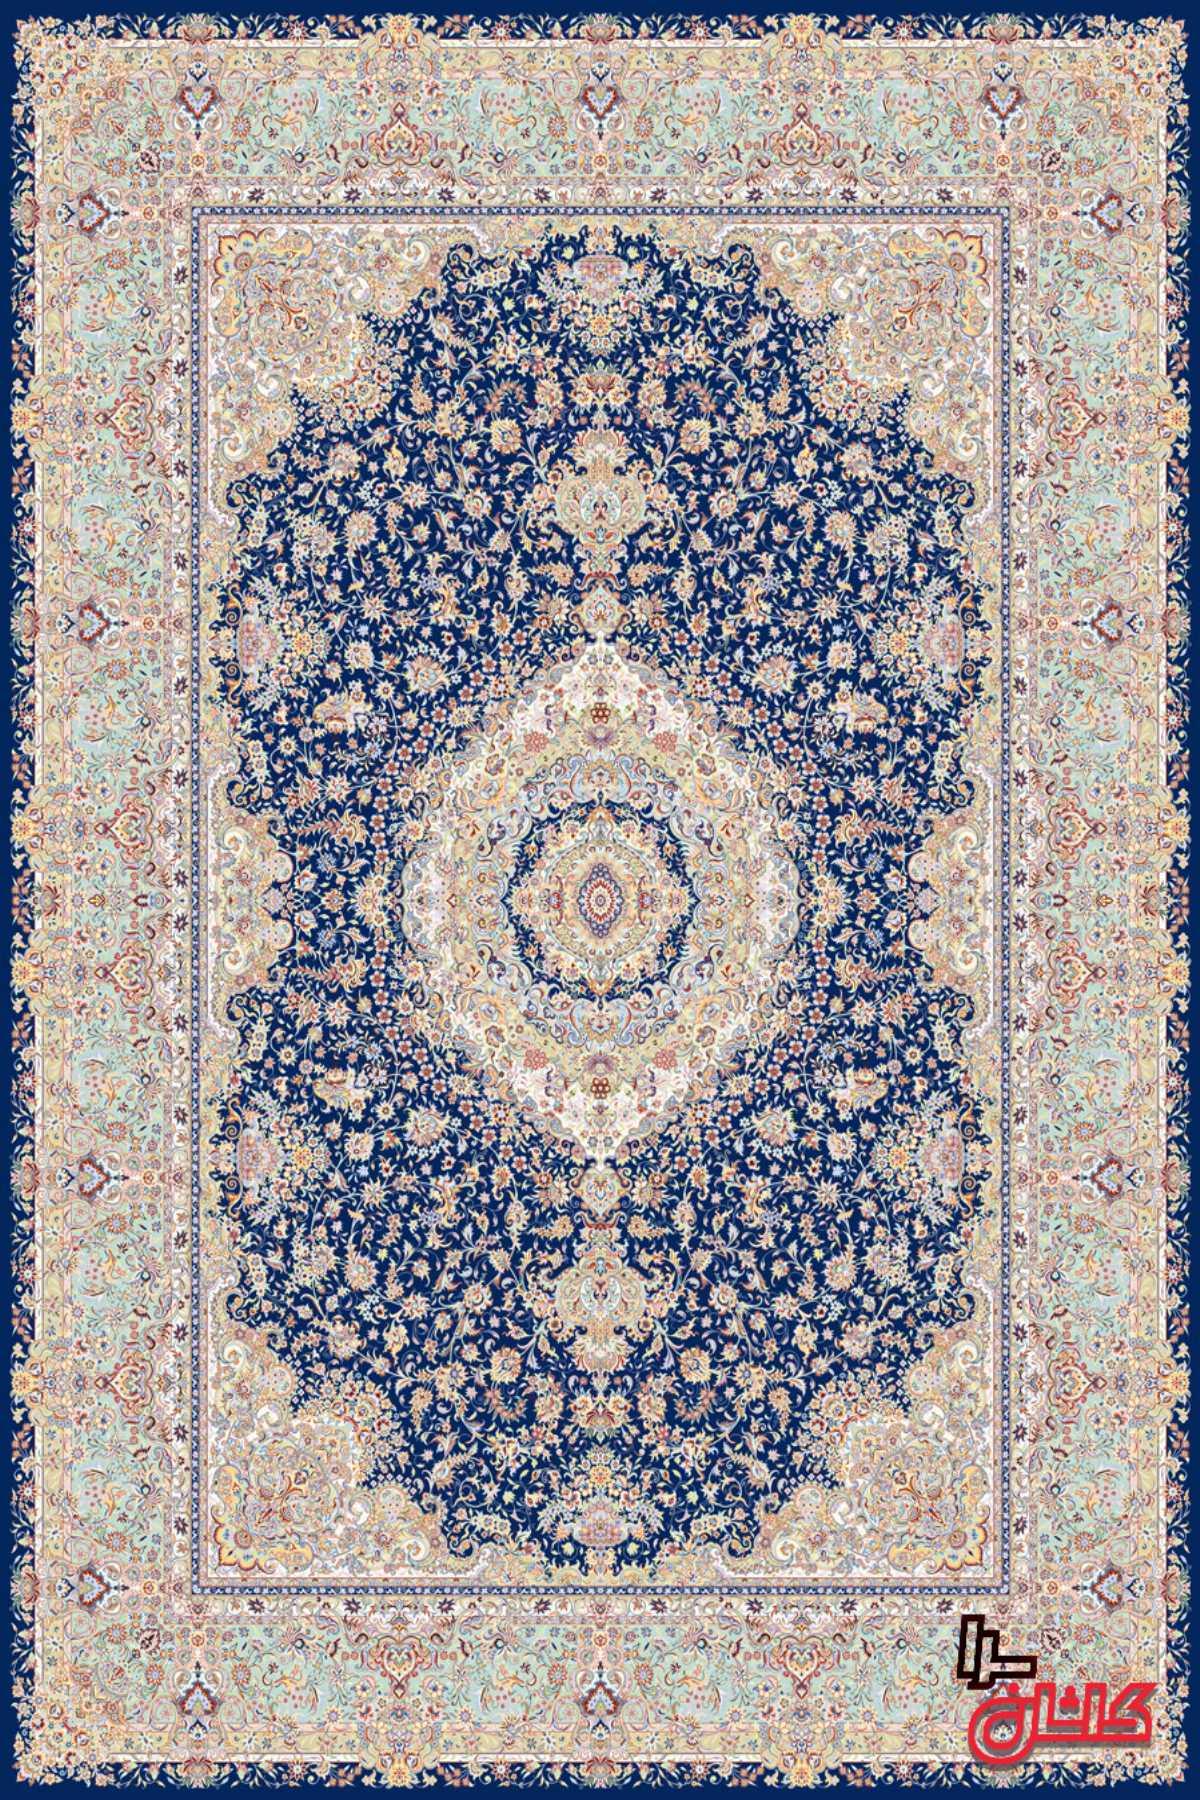 Iranmehr-1200-Nila_9m_sha_3600